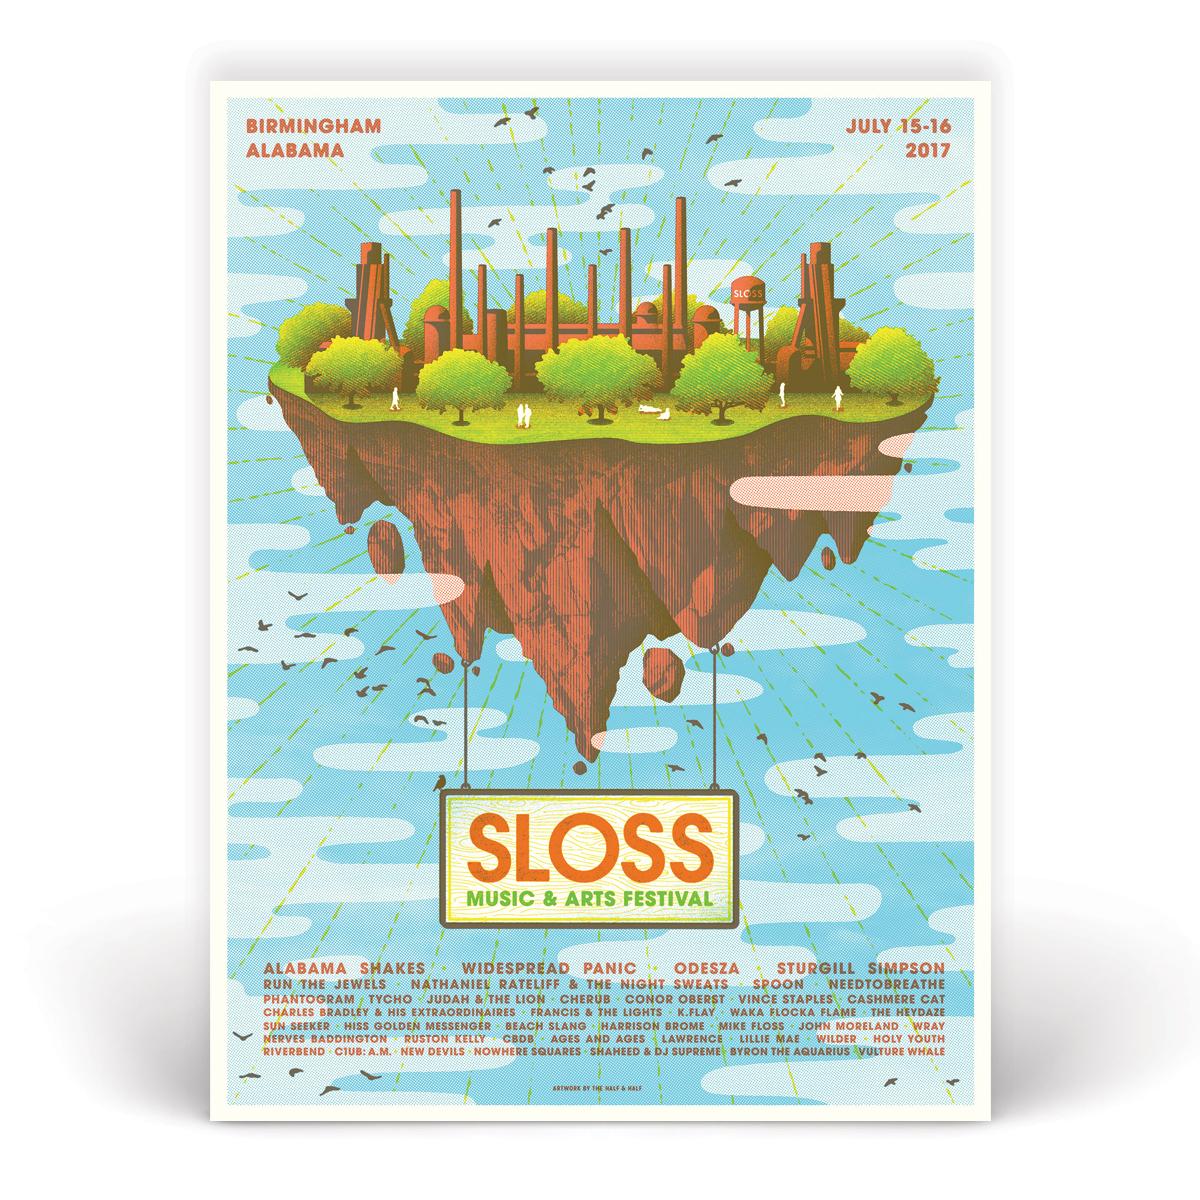 Sloss Music & Arts Festival 2017 Poster